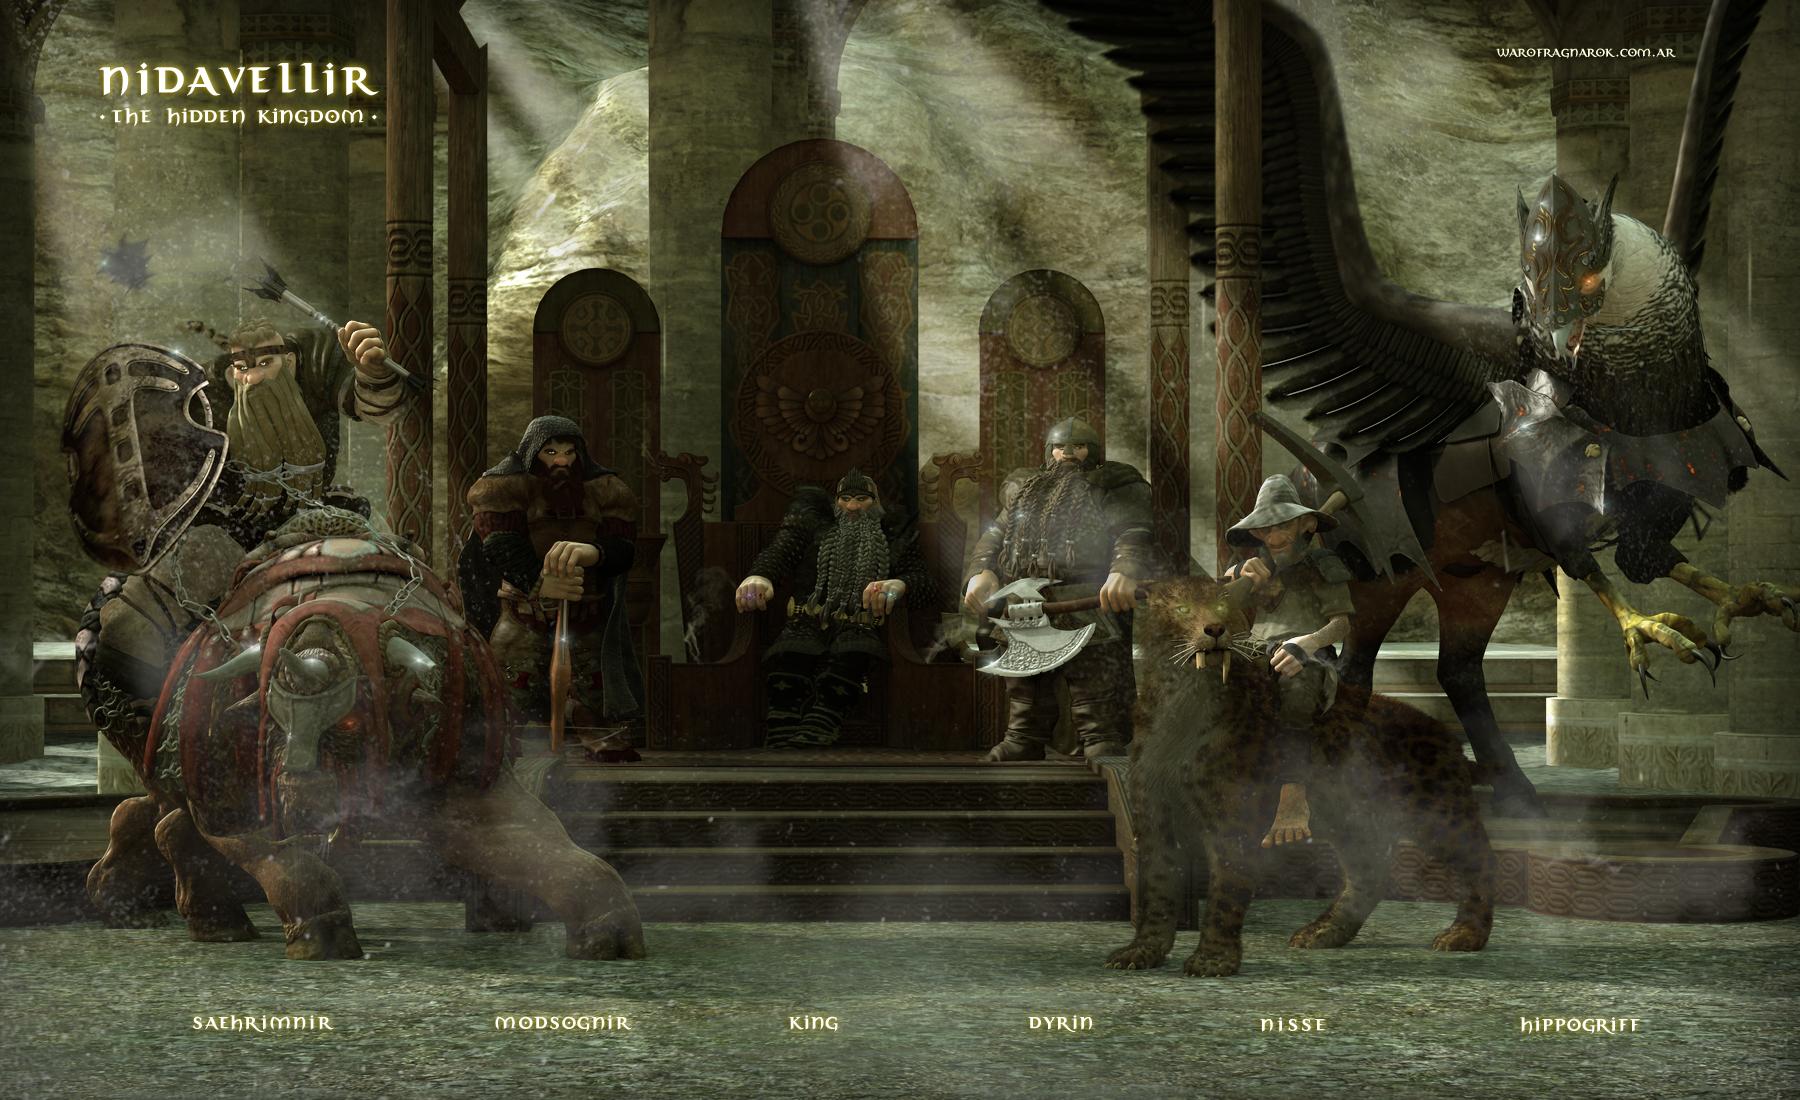 Nidavellir - The Hidden Kingdom